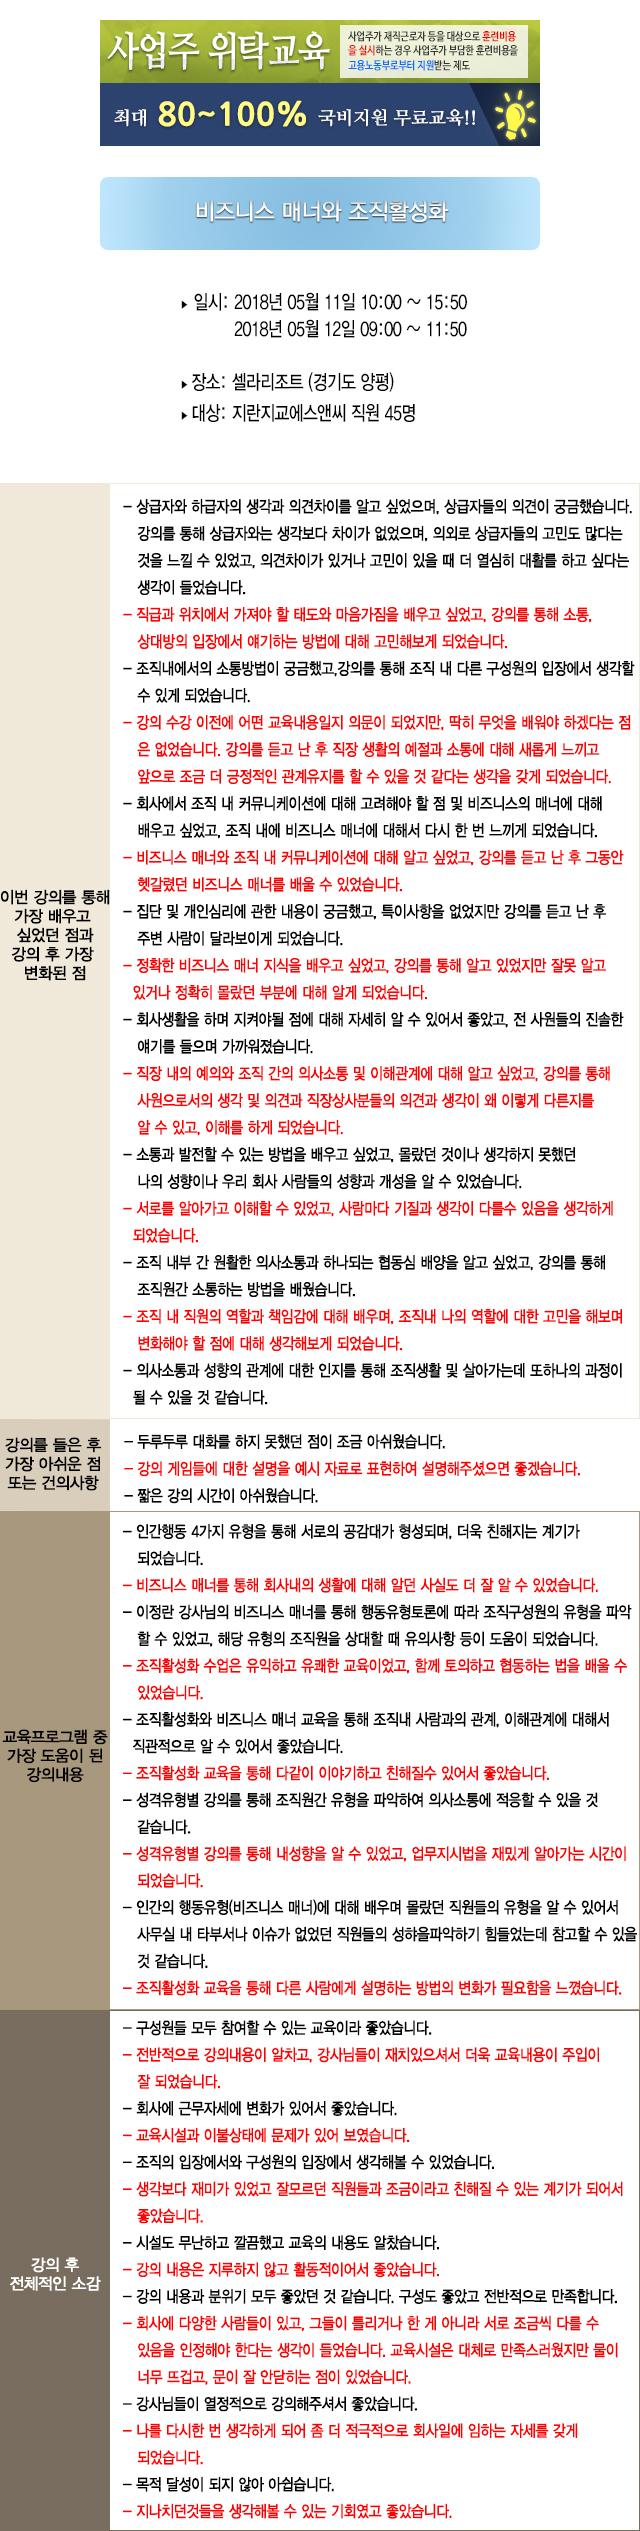 한국중앙인재개발원 후기 지란지교.jpg